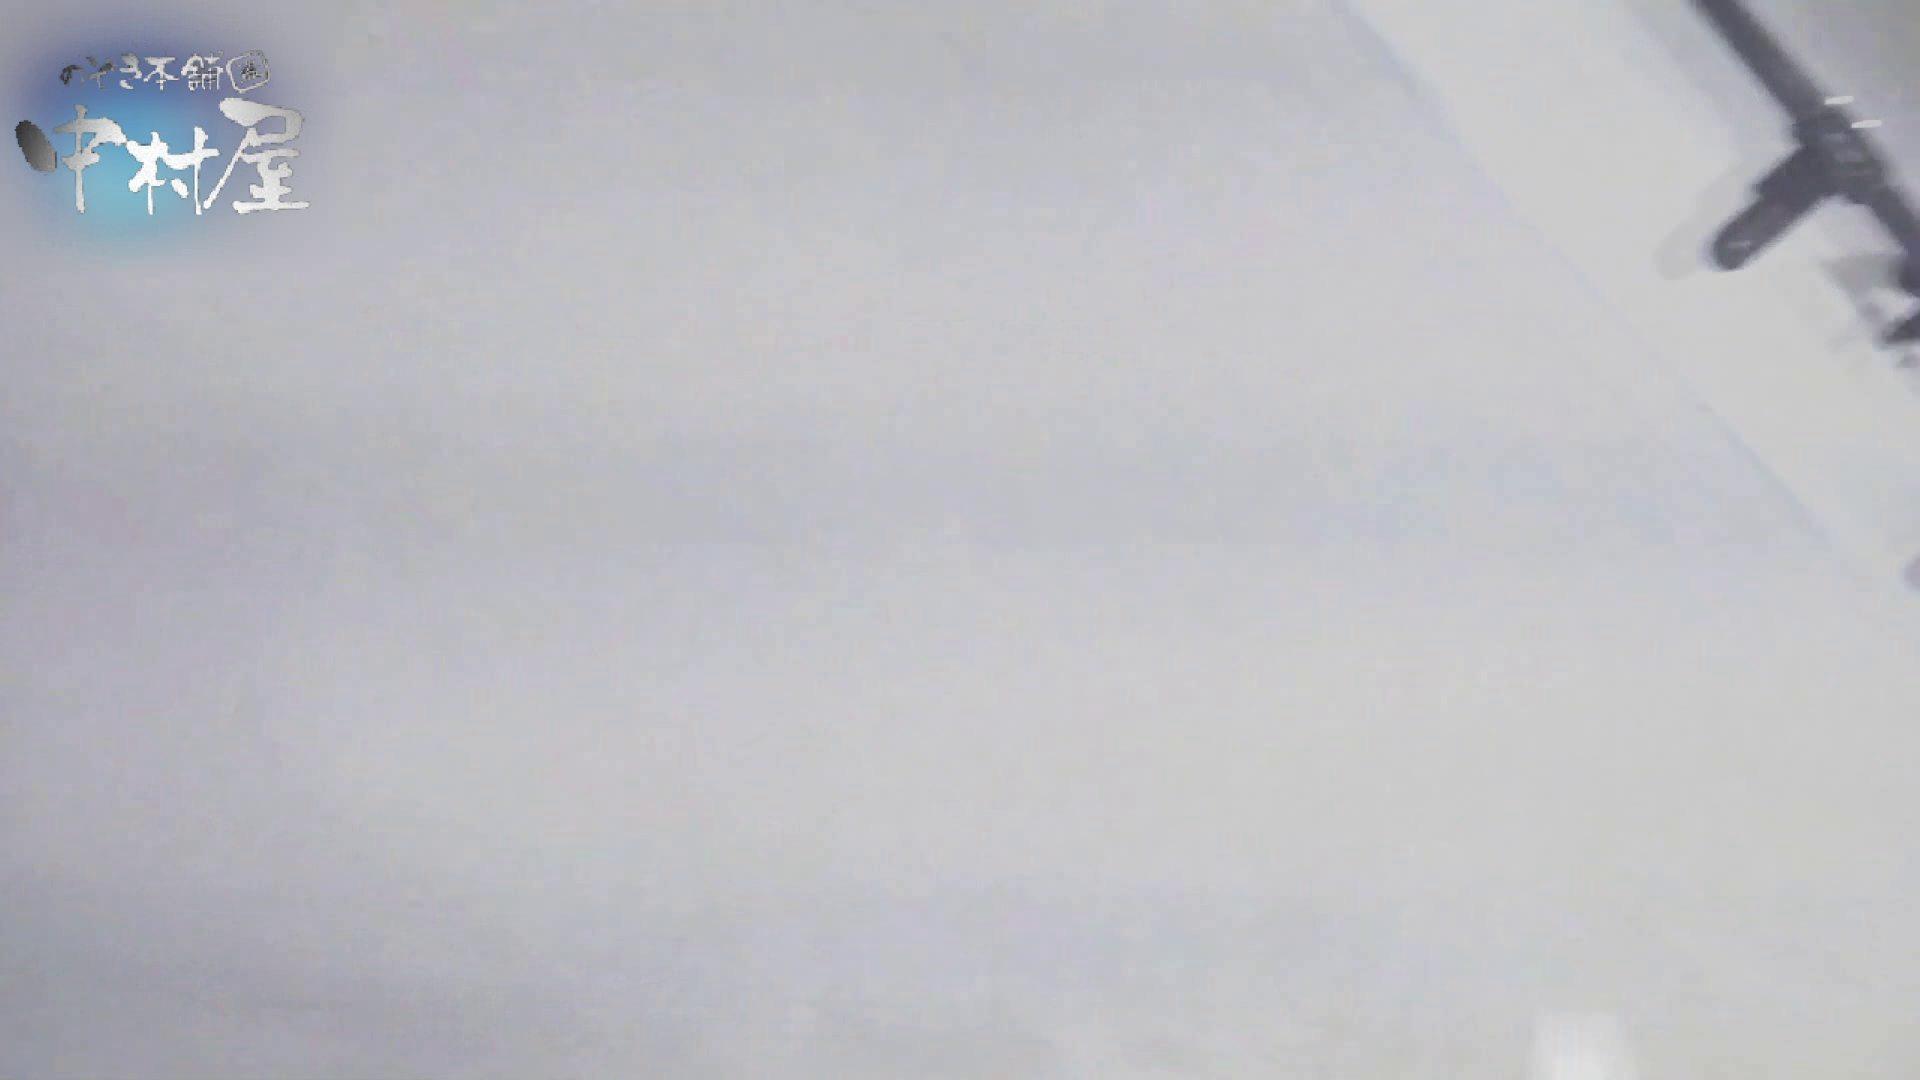 乙女集まる!ショッピングモール潜入撮vol.08 和式 覗き性交動画流出 55画像 23